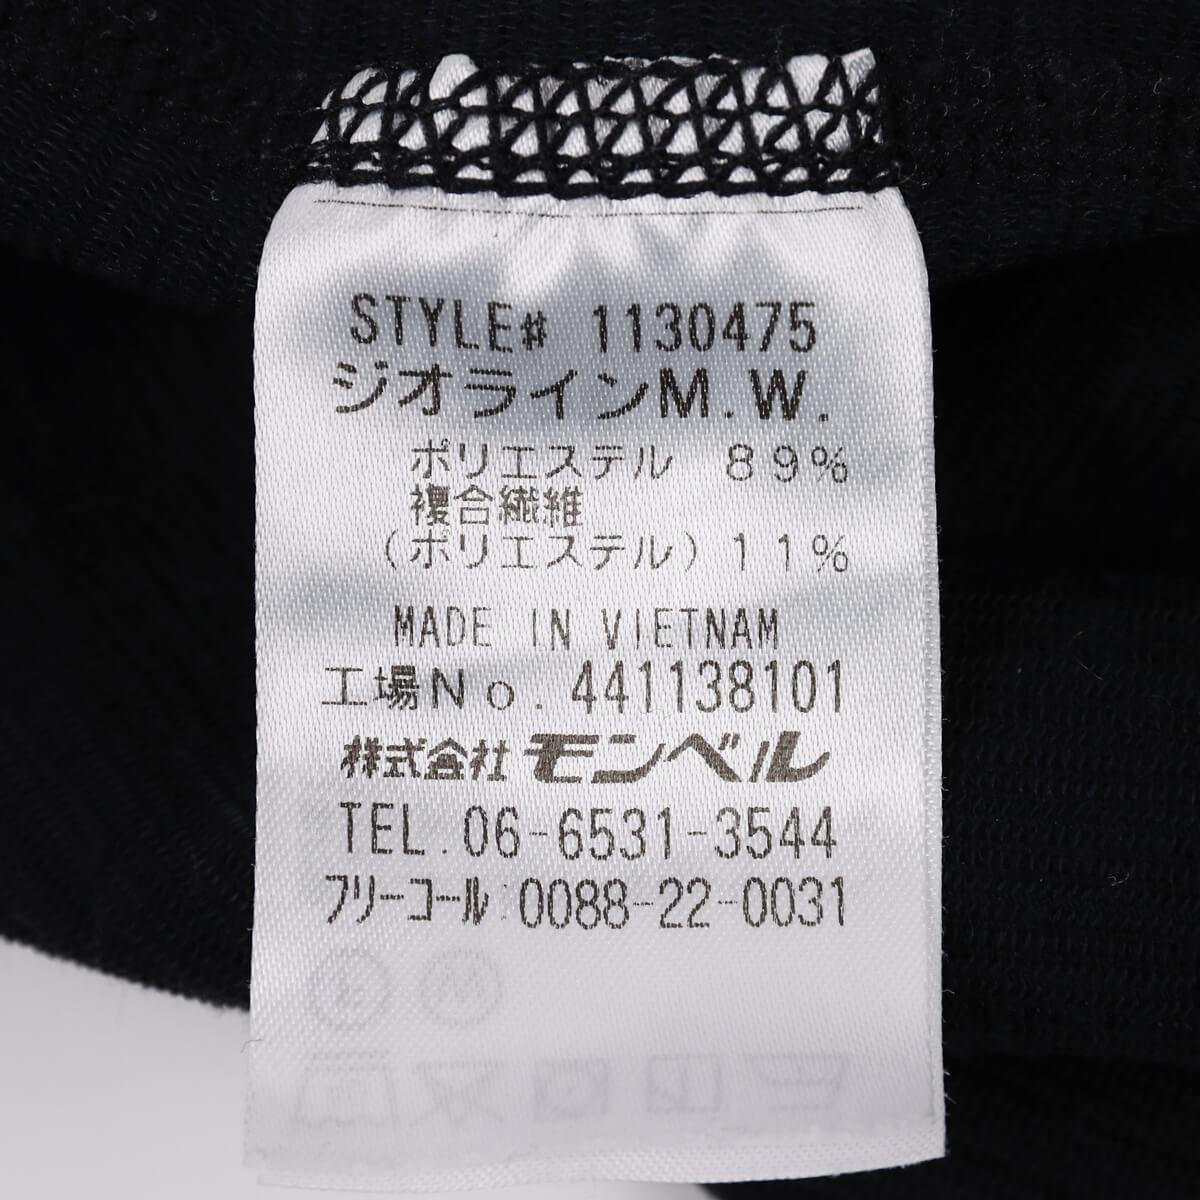 モンベル ジオライン M.W.サイクルアンダーシャツの素材